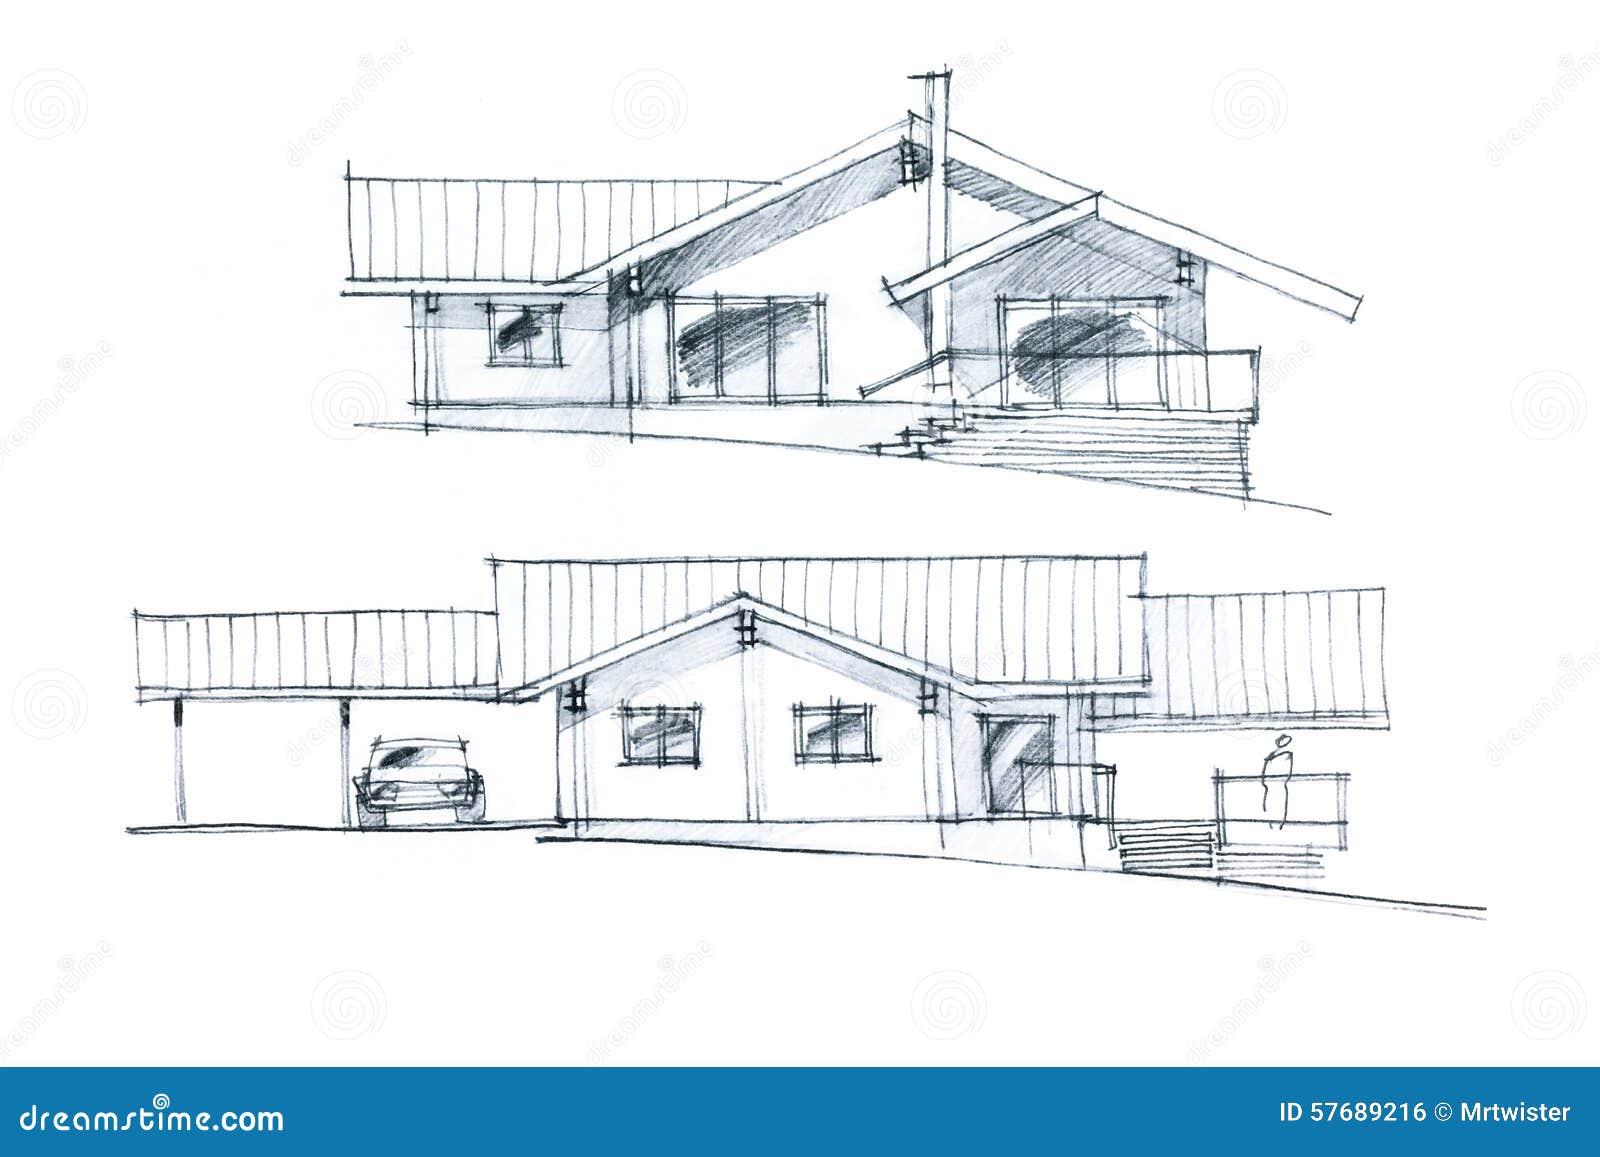 Exceptionnel Croquis D Une Maison #10: Croquis Dessin Disposition ...